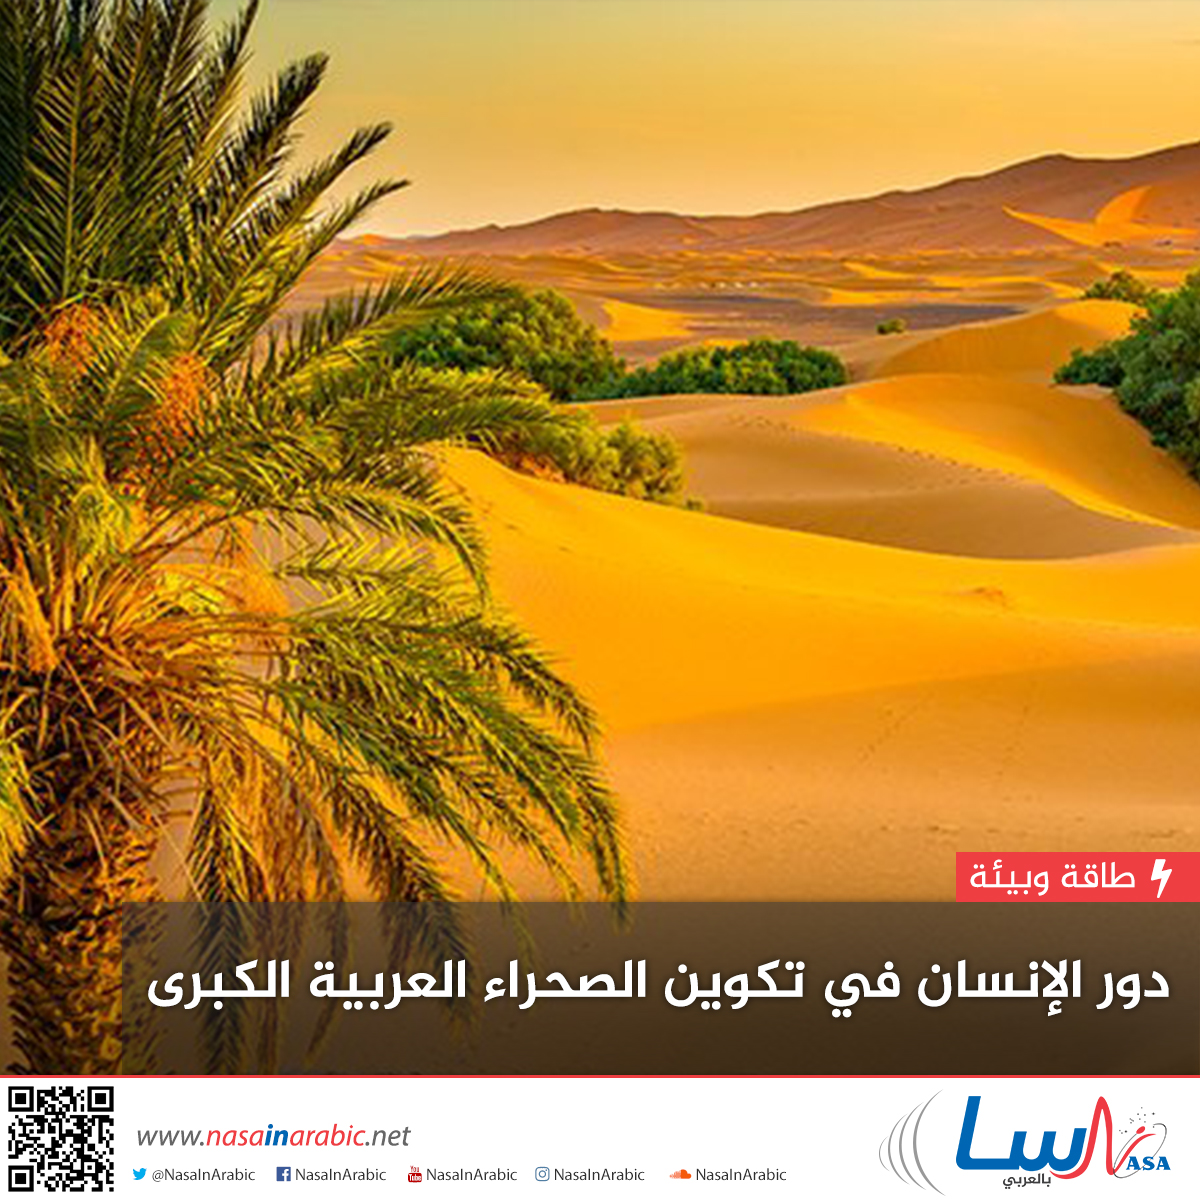 دور الإنسان في تكوين الصحراء العربية الكبرى